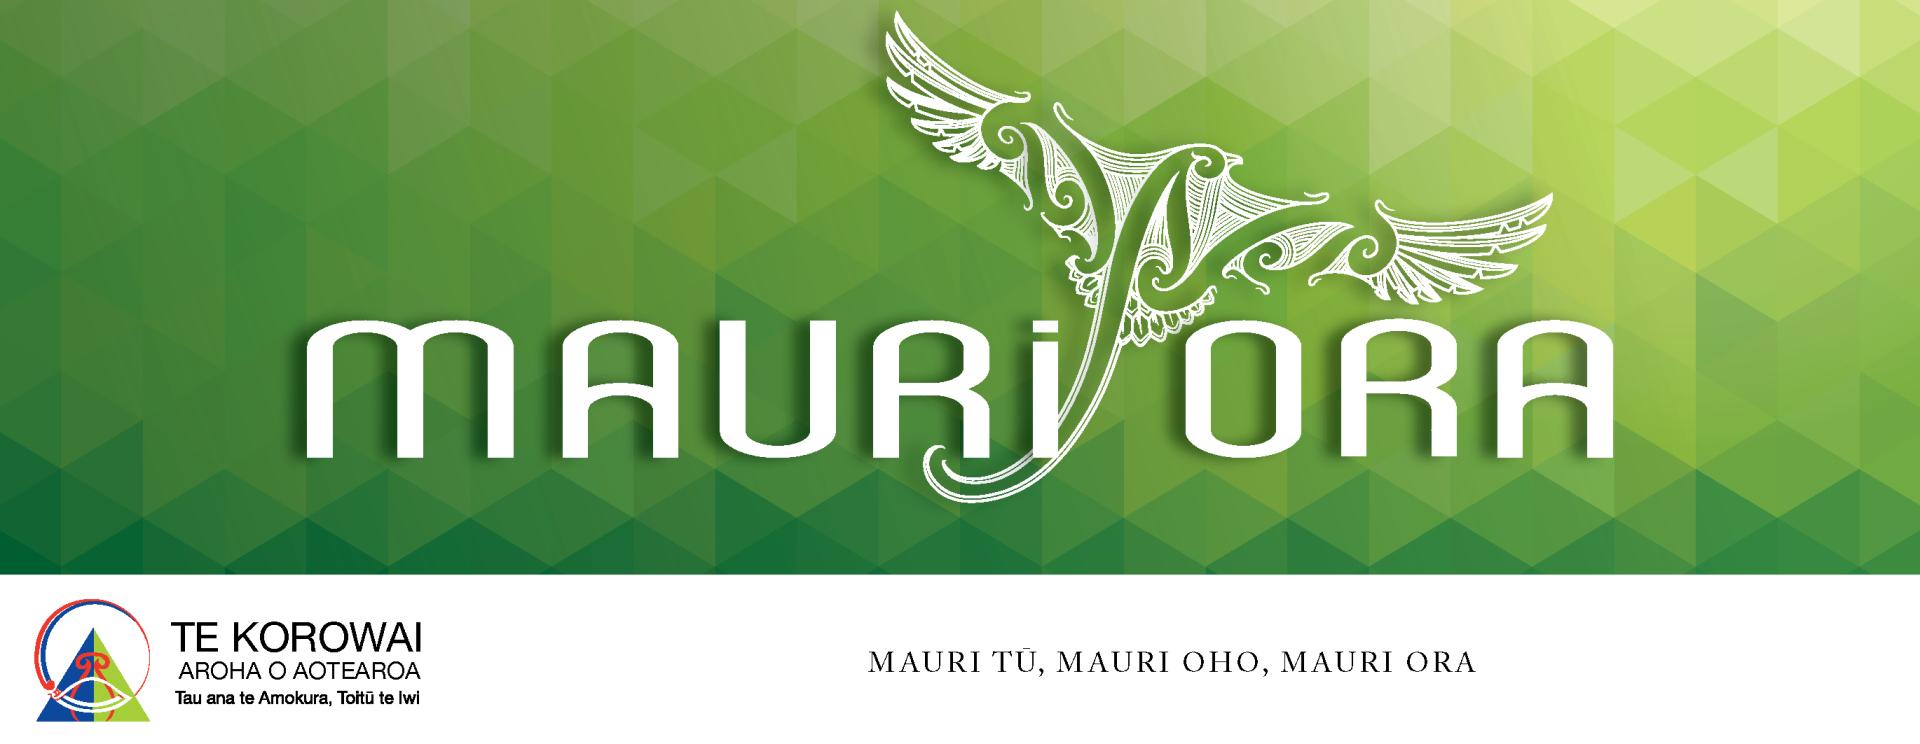 MAURI ORA TE TAITOKERAU 2020